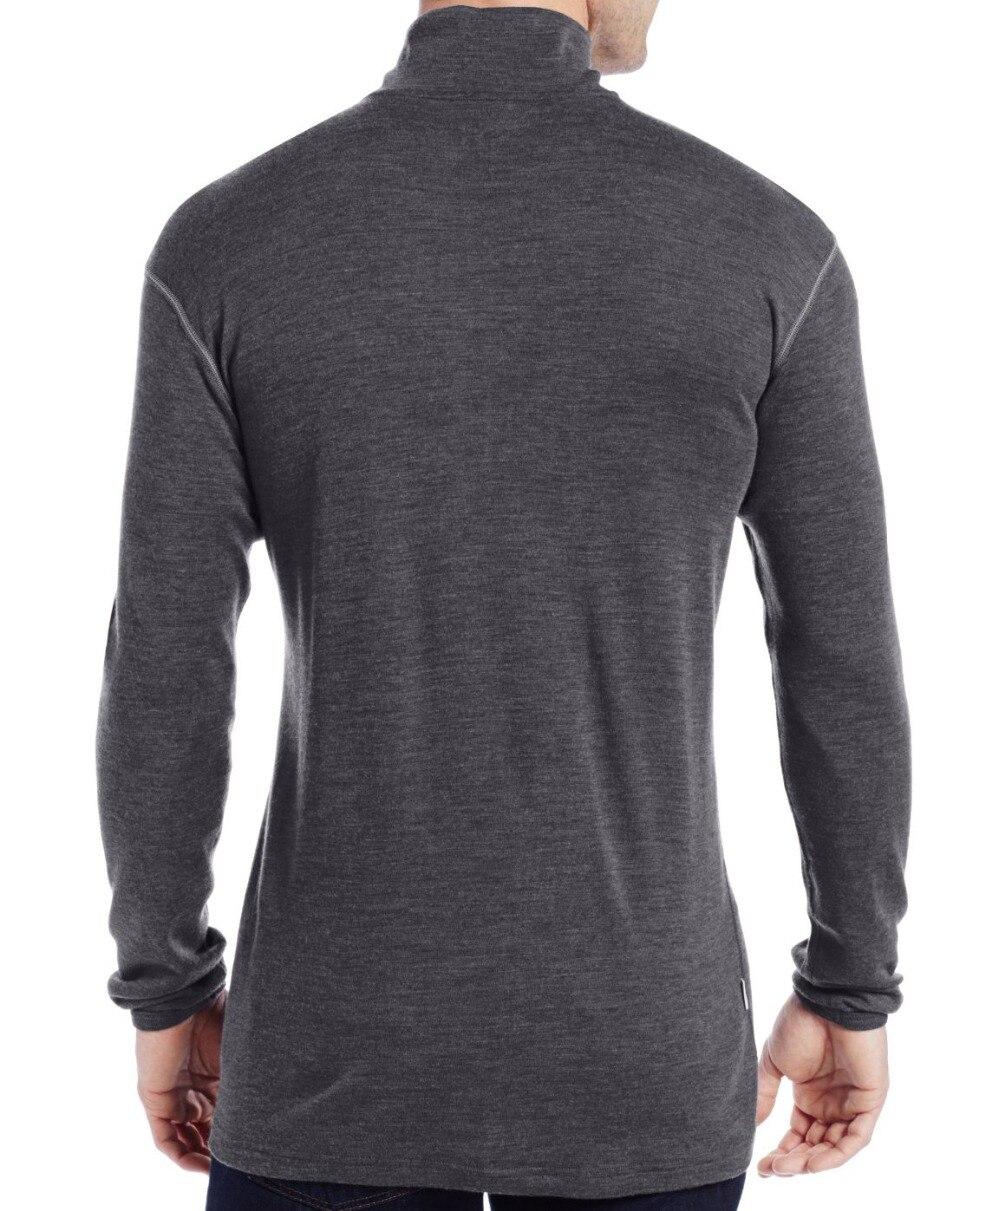 Człowiek nowy marka 100% czystej grzywny Merino wełna mężczyźni średniej wagi 1/4 Zip na zewnątrz drzwi warstwa bazowa ciepłe termiczne długie z długim rękawem ubrania koszula wierzchołki w Koszulki od Odzież męska na  Grupa 2